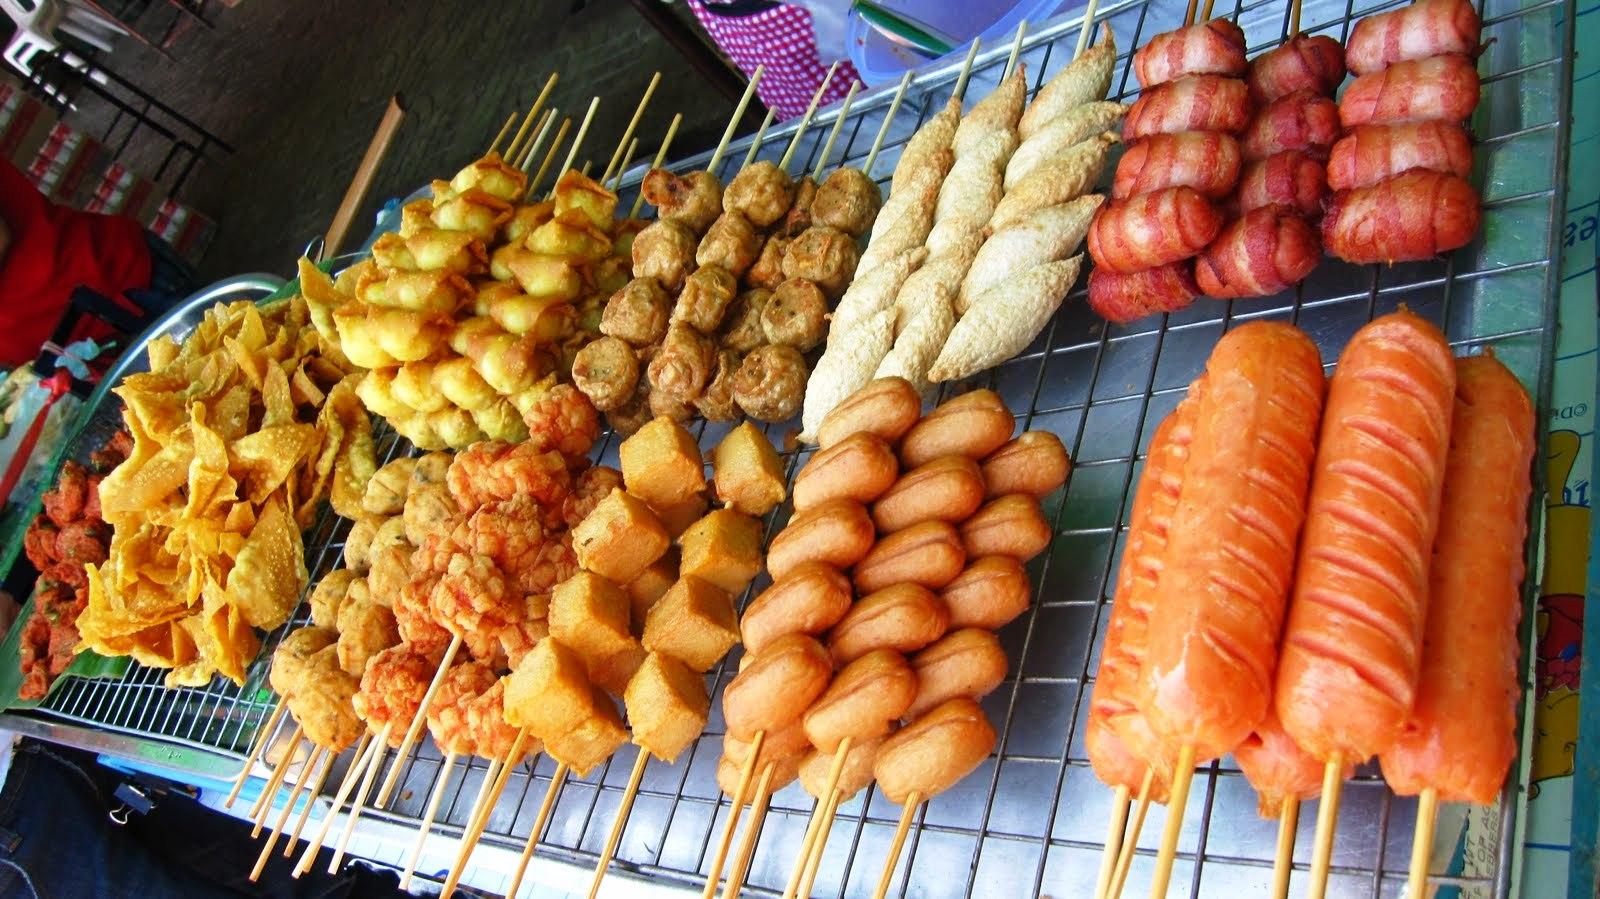 Street Foods Business Photo By Insidemabieblogspot